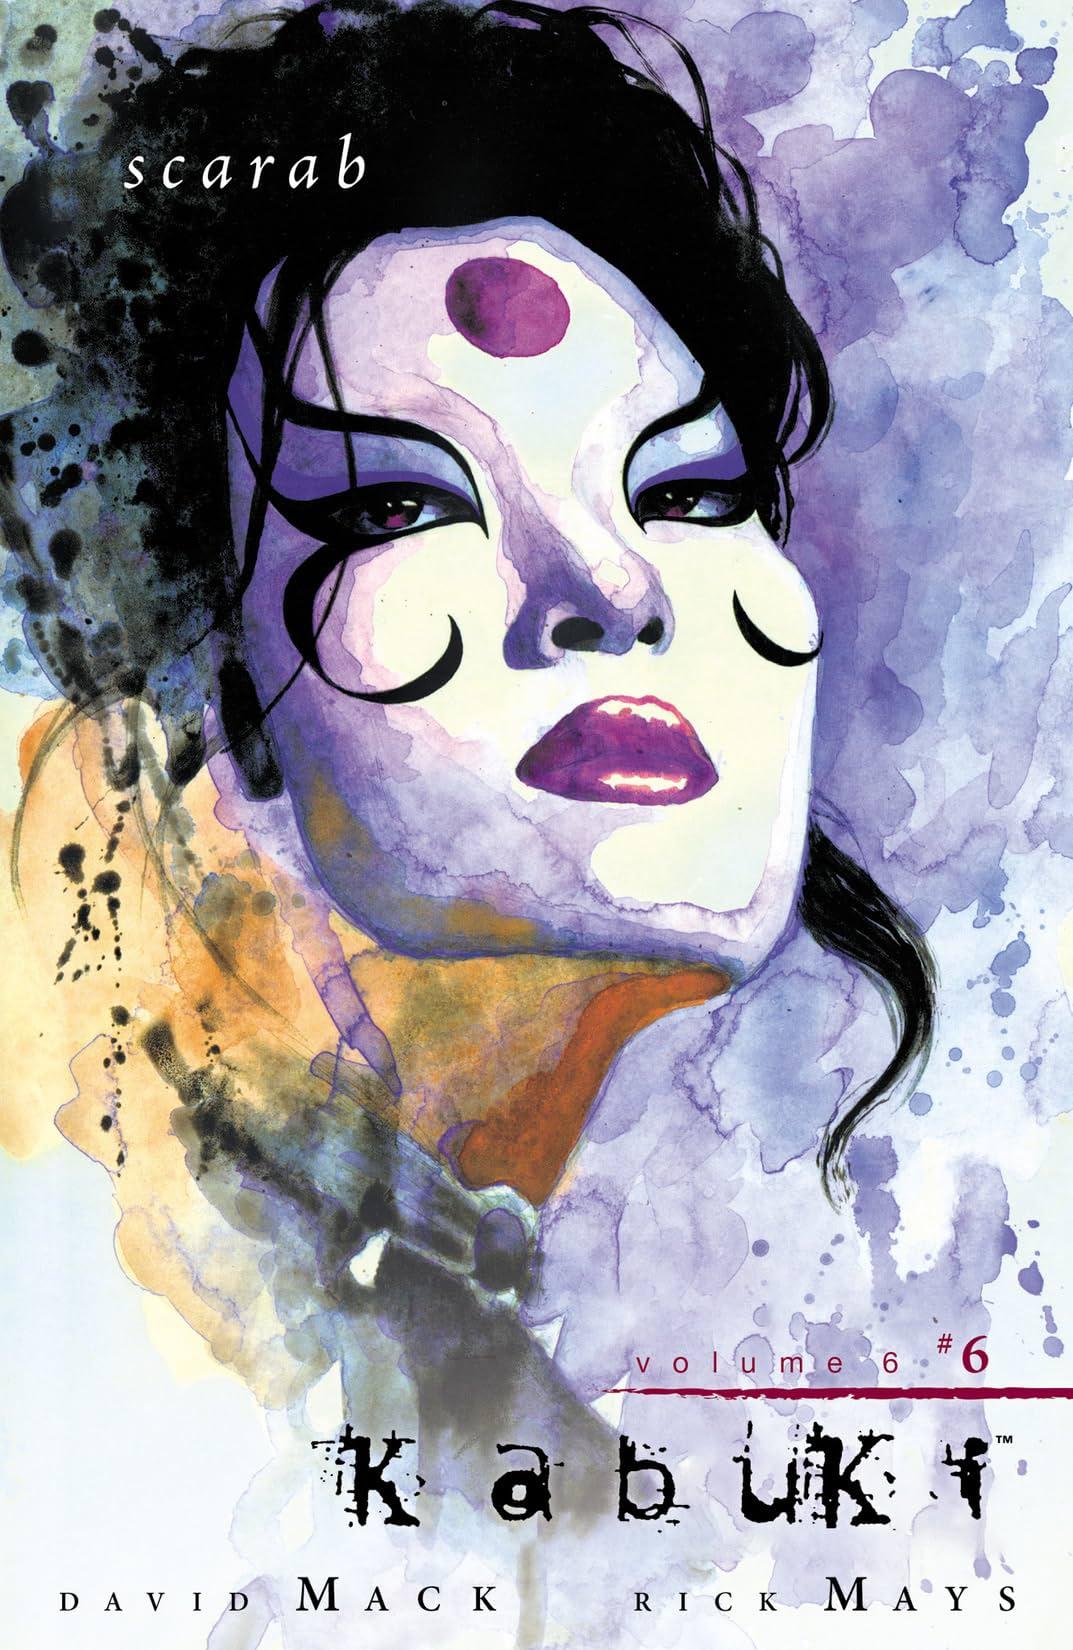 Kabuki vol. 6 #6